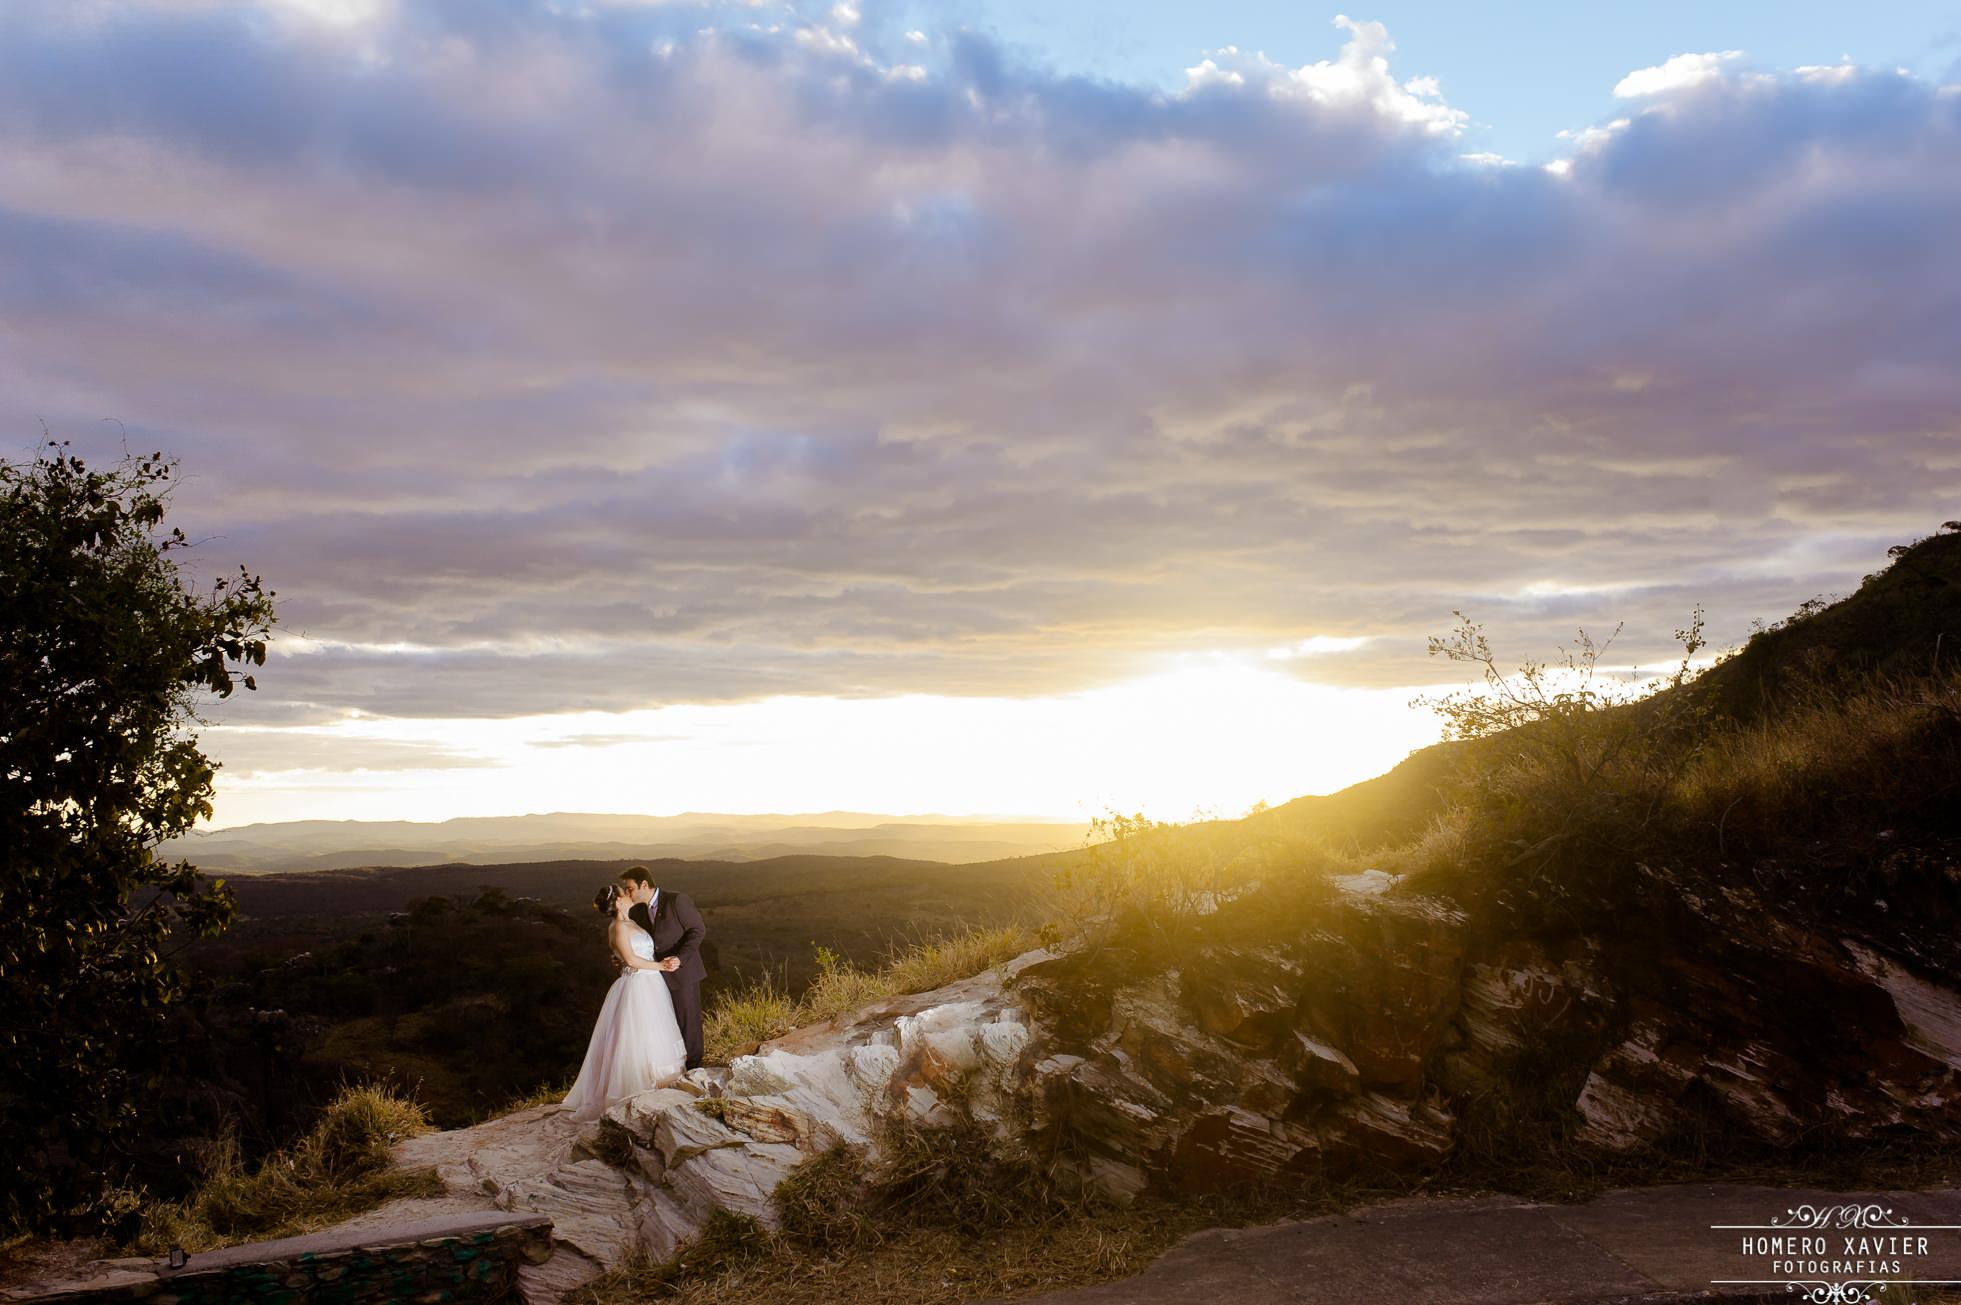 fotografia externa pos casamento Fazenda Monjolo Serra do Cipo